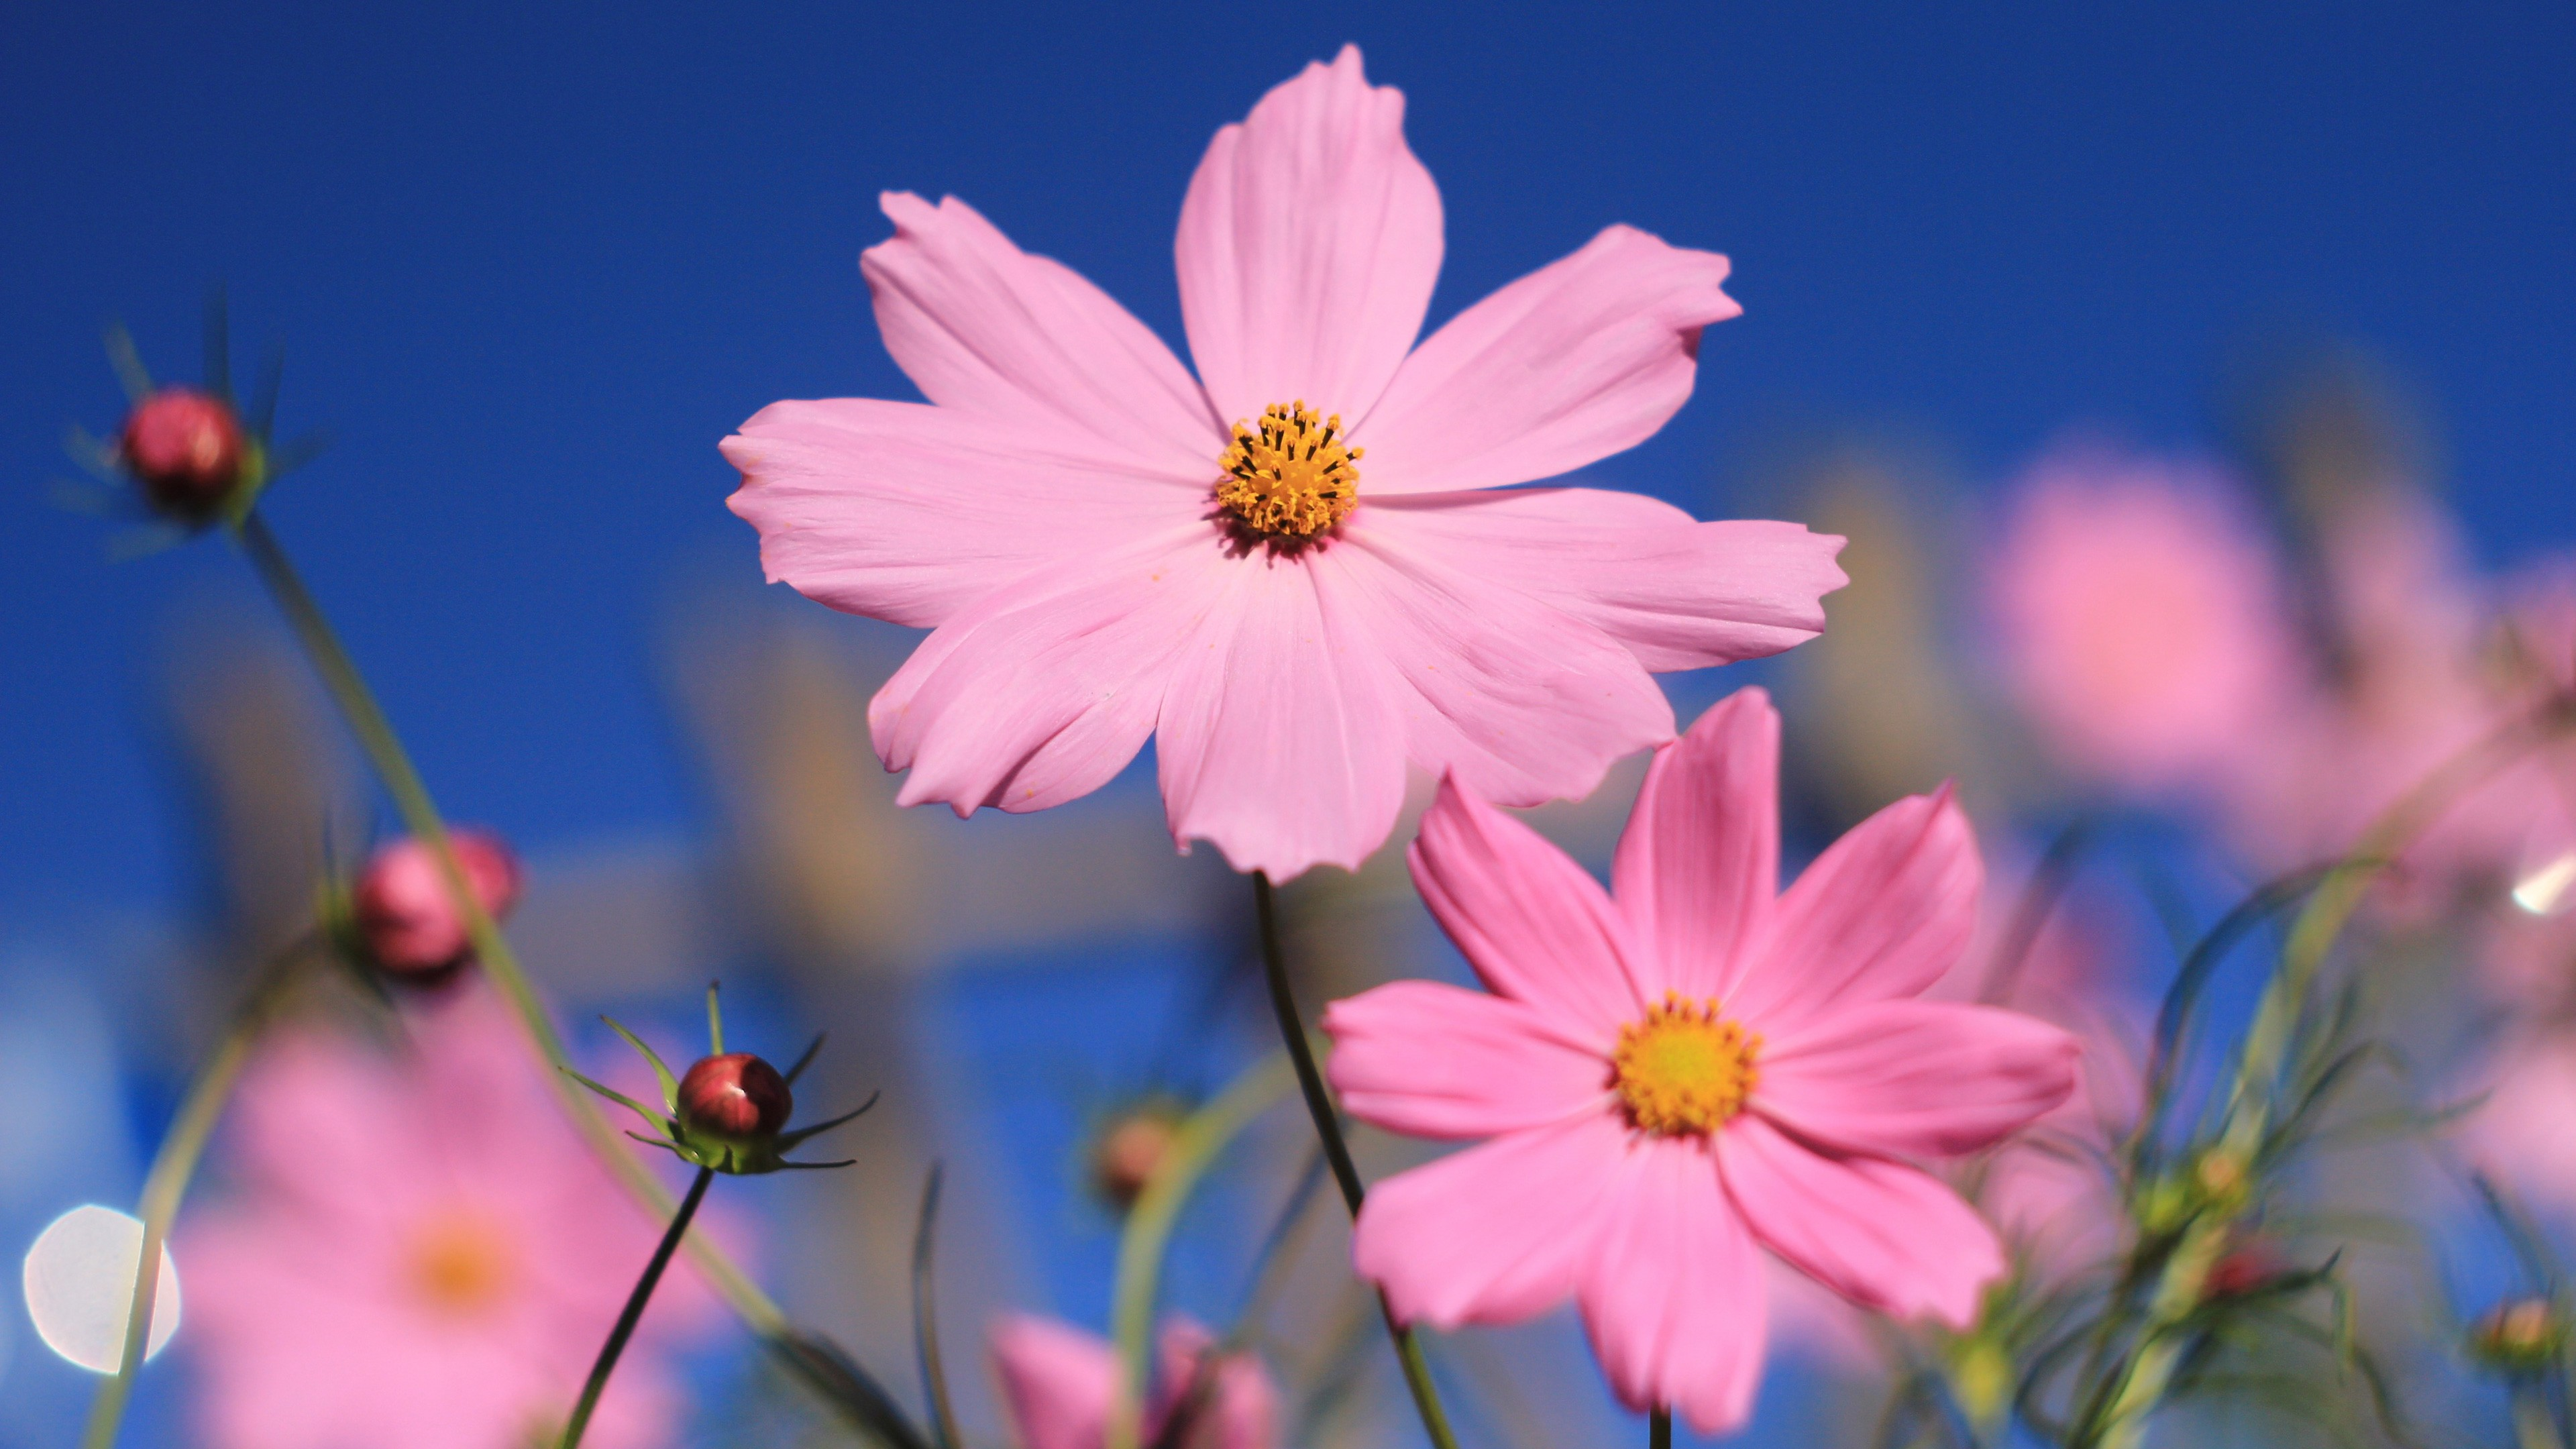 Wallpaper pink, 4k, HD wallpaper, flower, summer, Nature ...